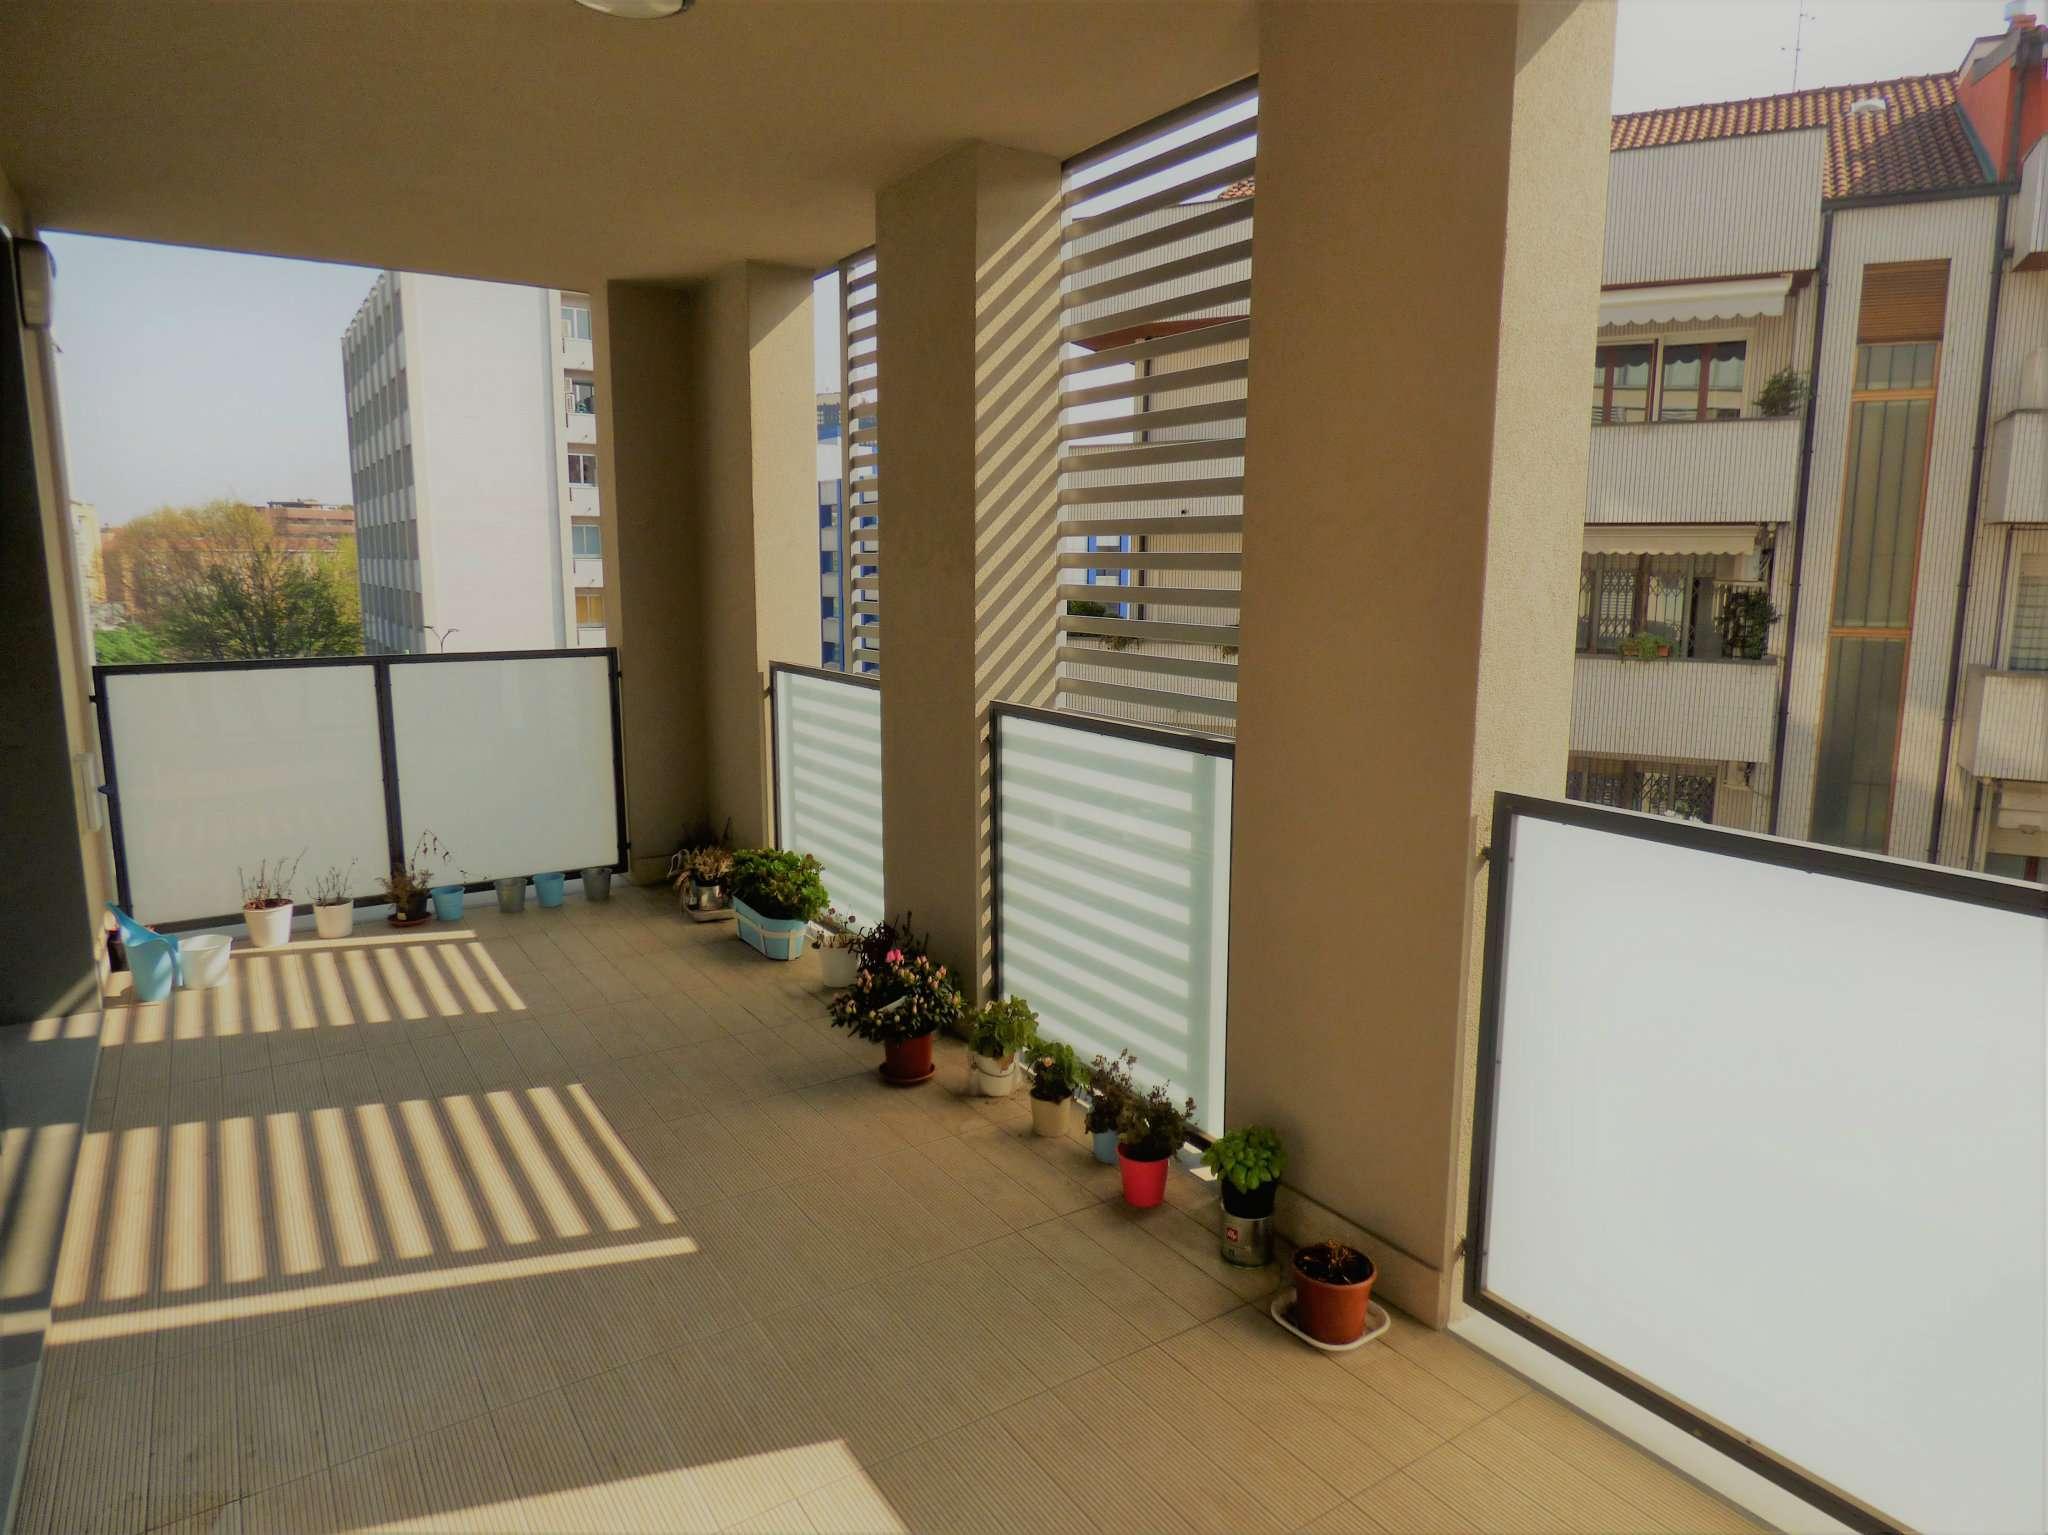 Appartamento in vendita a Milano, 3 locali, zona Zona: 18 . St. Garibaldi, Isola, Maciachini, Stelvio, Monumentale, prezzo € 375.000 | CambioCasa.it